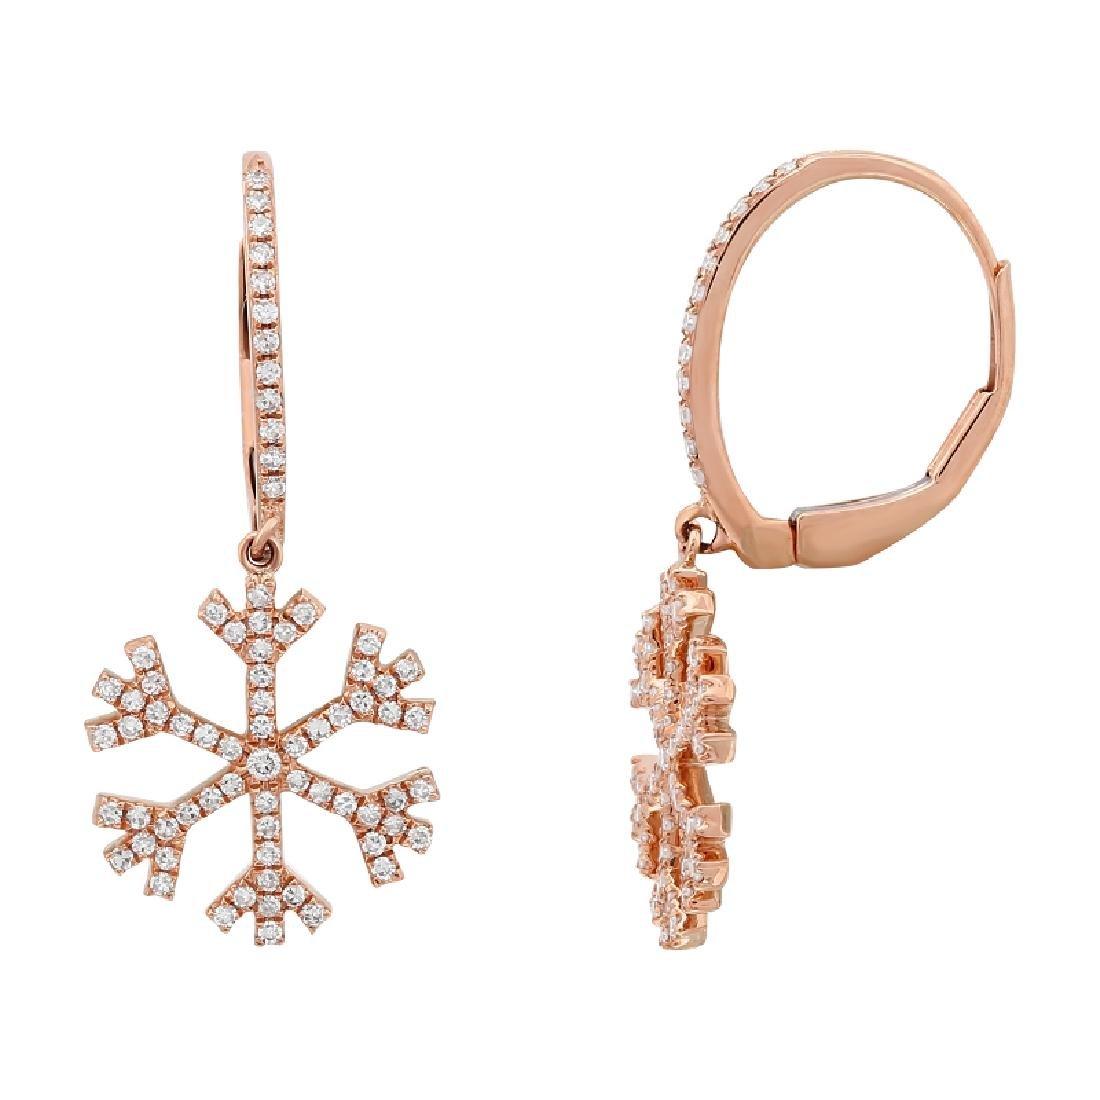 14KT Rose Gold 0.40ctw Diamond Earrings L7775